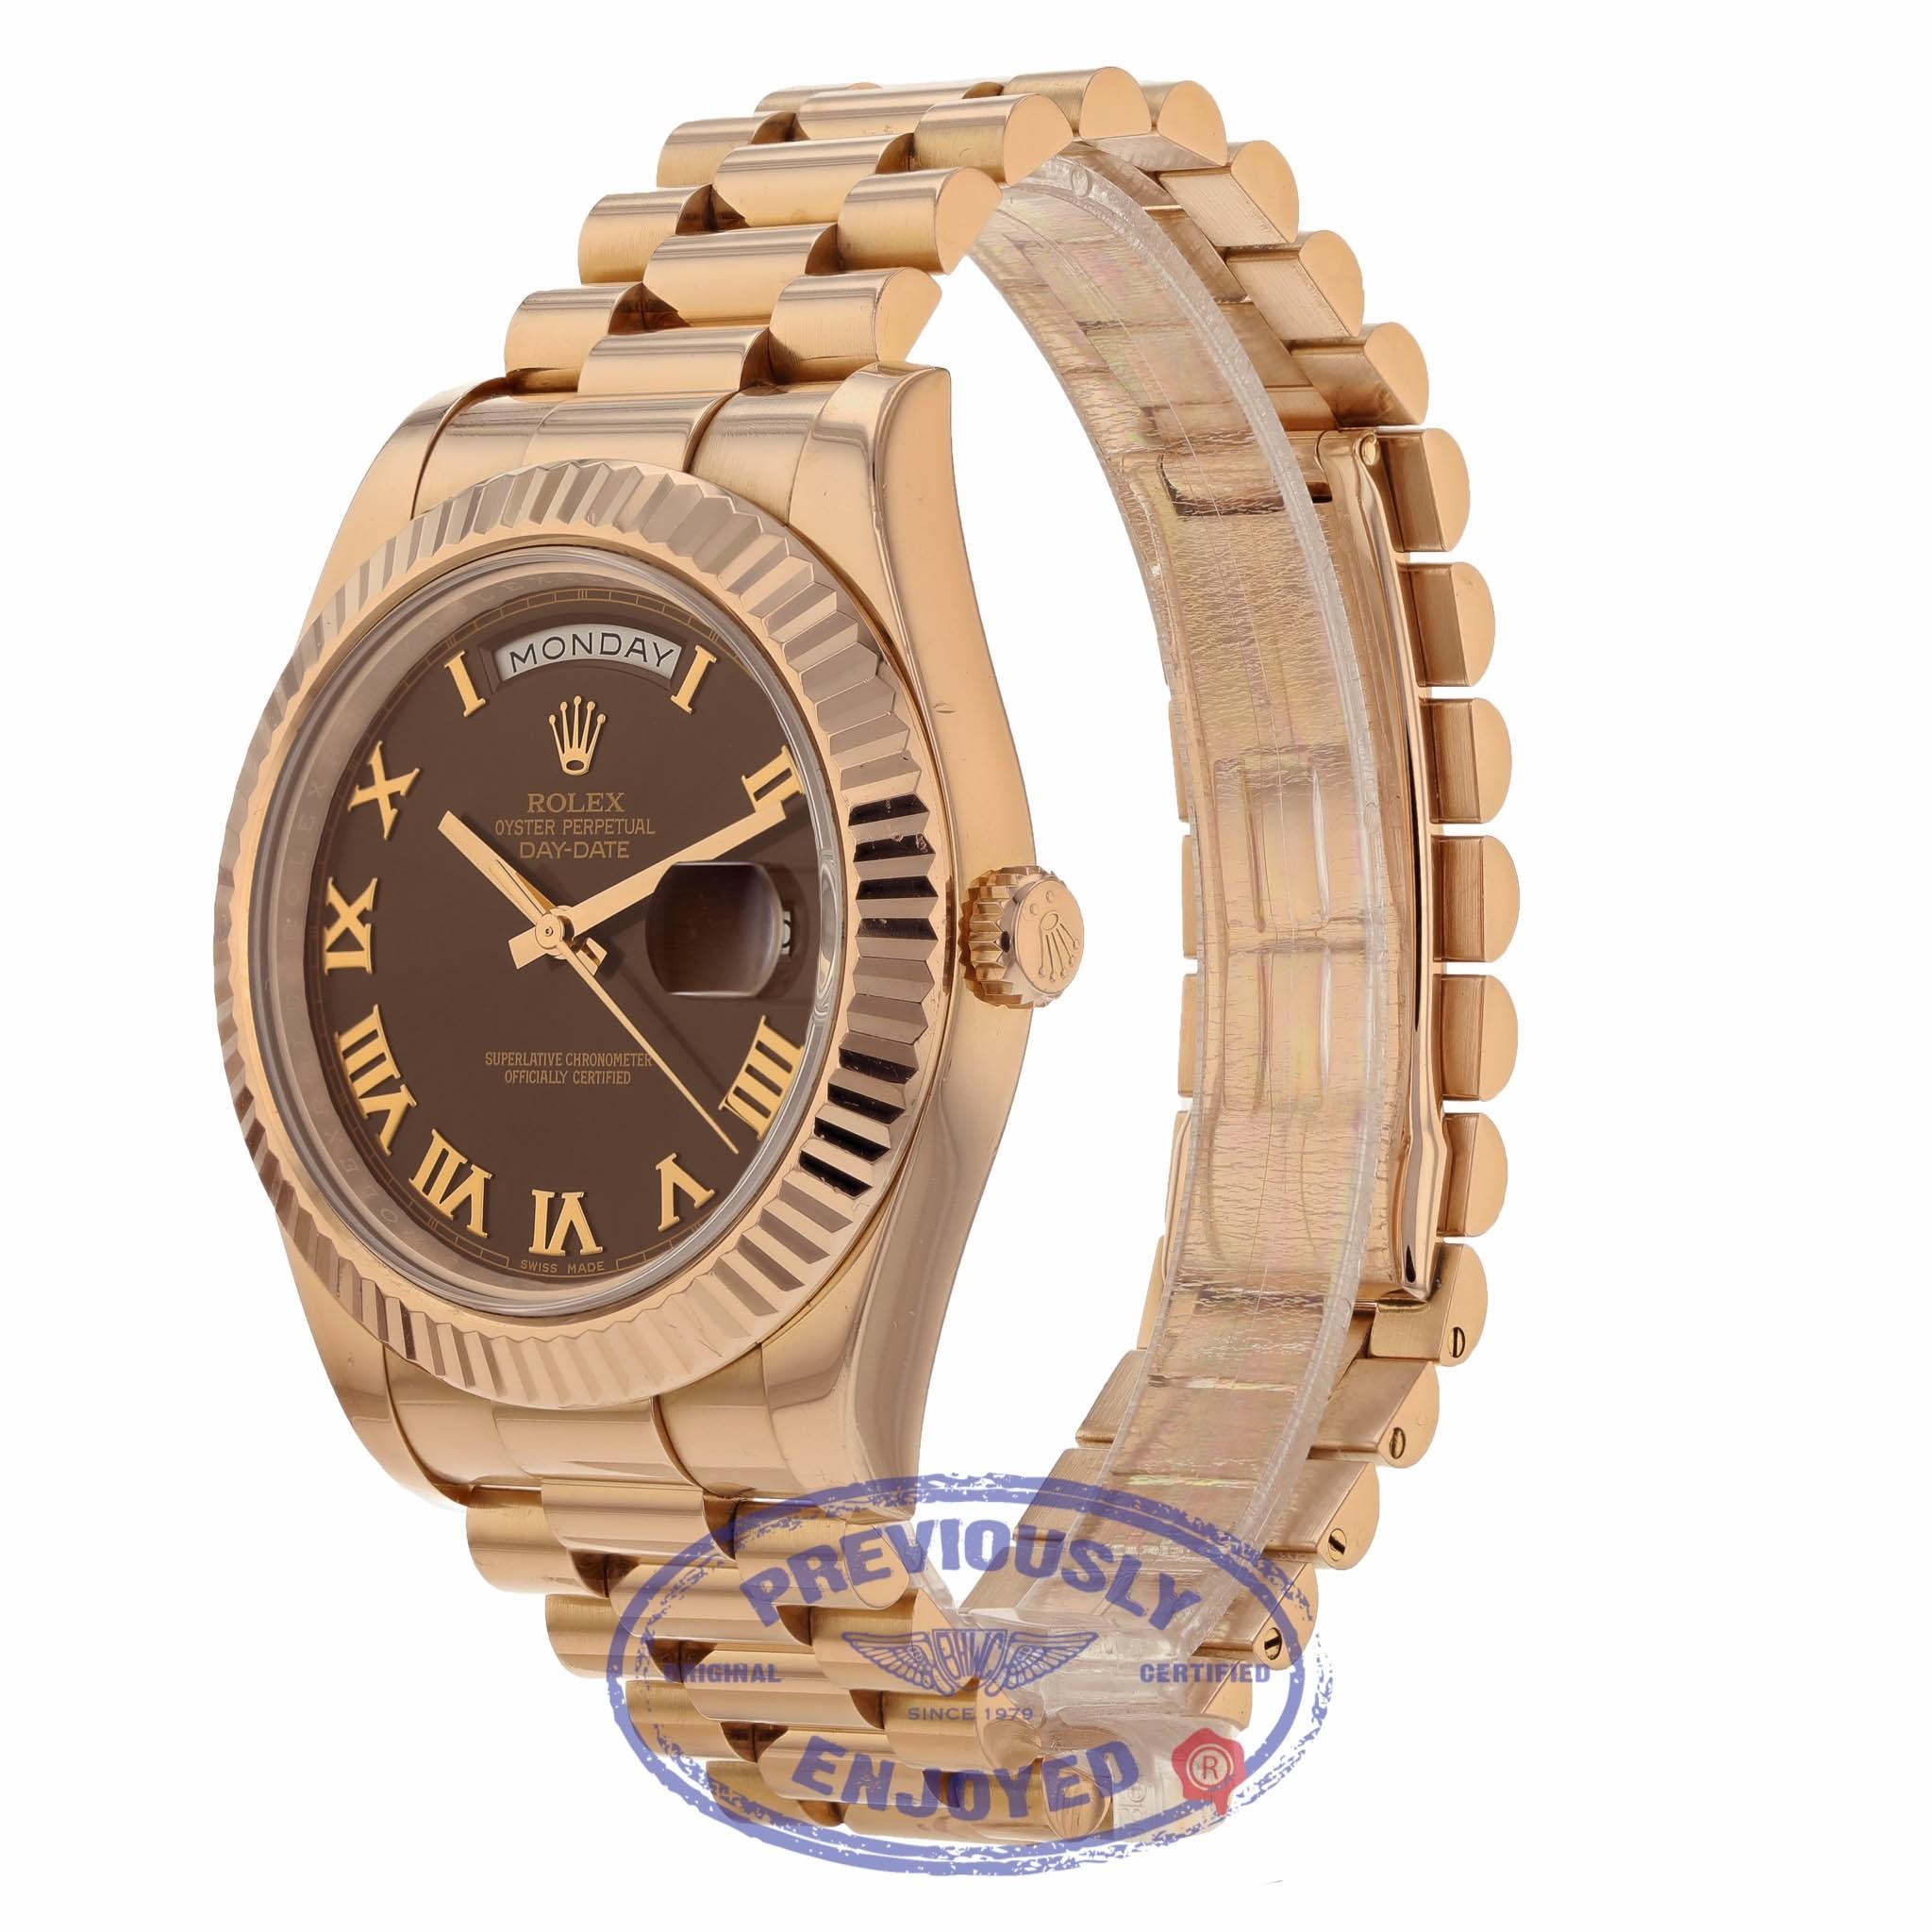 d24aafd5da4 Rolex Day Date II President 41mm Rose Gold Chocolate Roman Dial 218235  8WF562